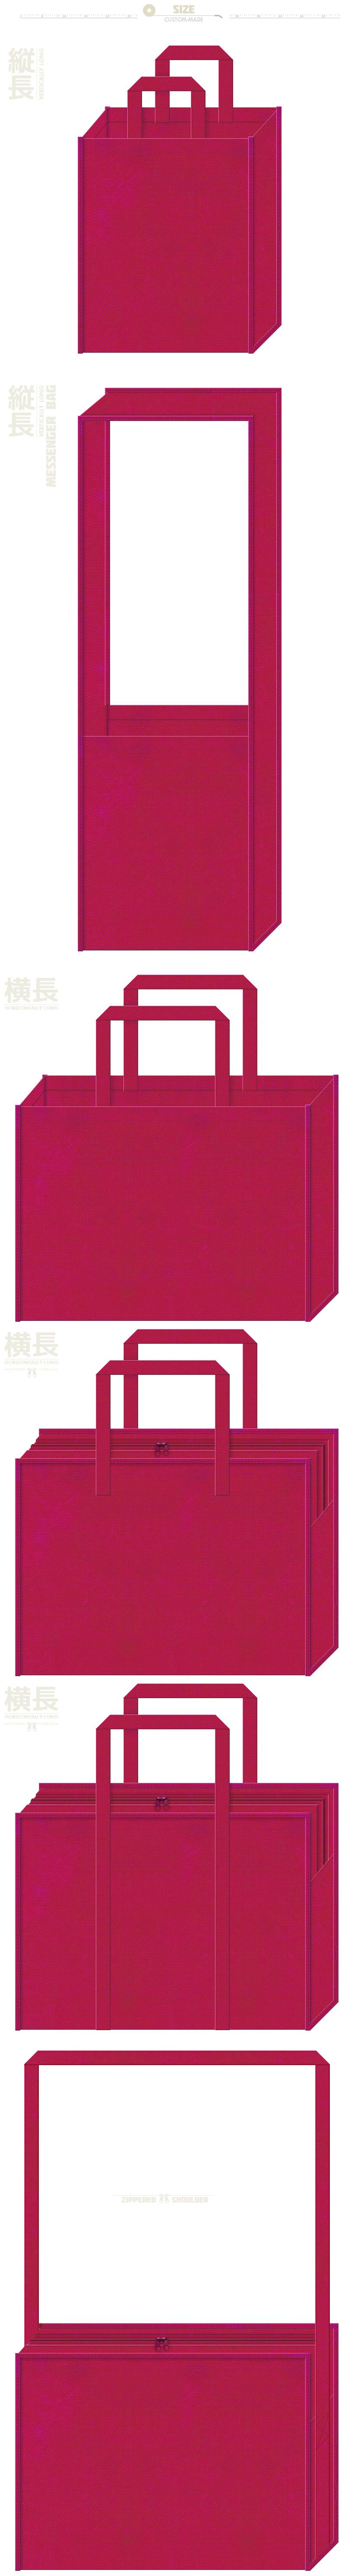 濃いピンク色の不織布バッグにお奨めのイメージ:カクテル・ドレス・薔薇・ダリア・ブーケ・梅・フラミンゴ